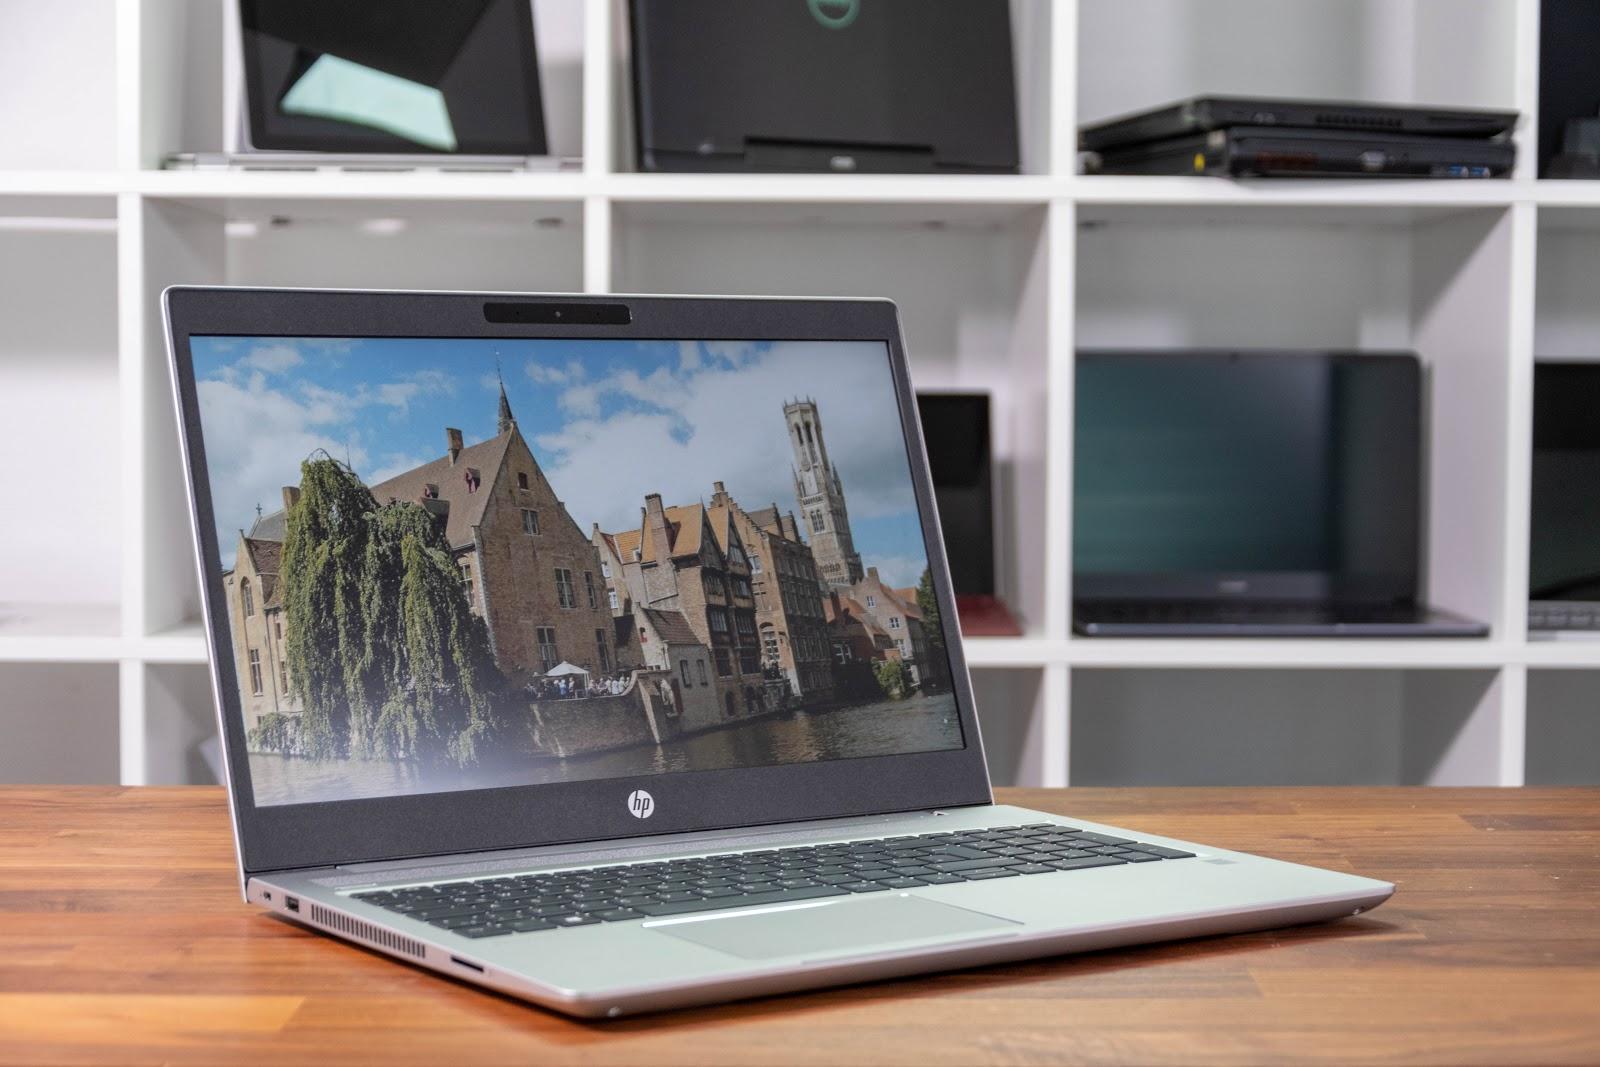 HP ProBook 455 G7 : Hiệu năng vượt trội, bảo mật cao, phù hợp cho doanh nghiệp